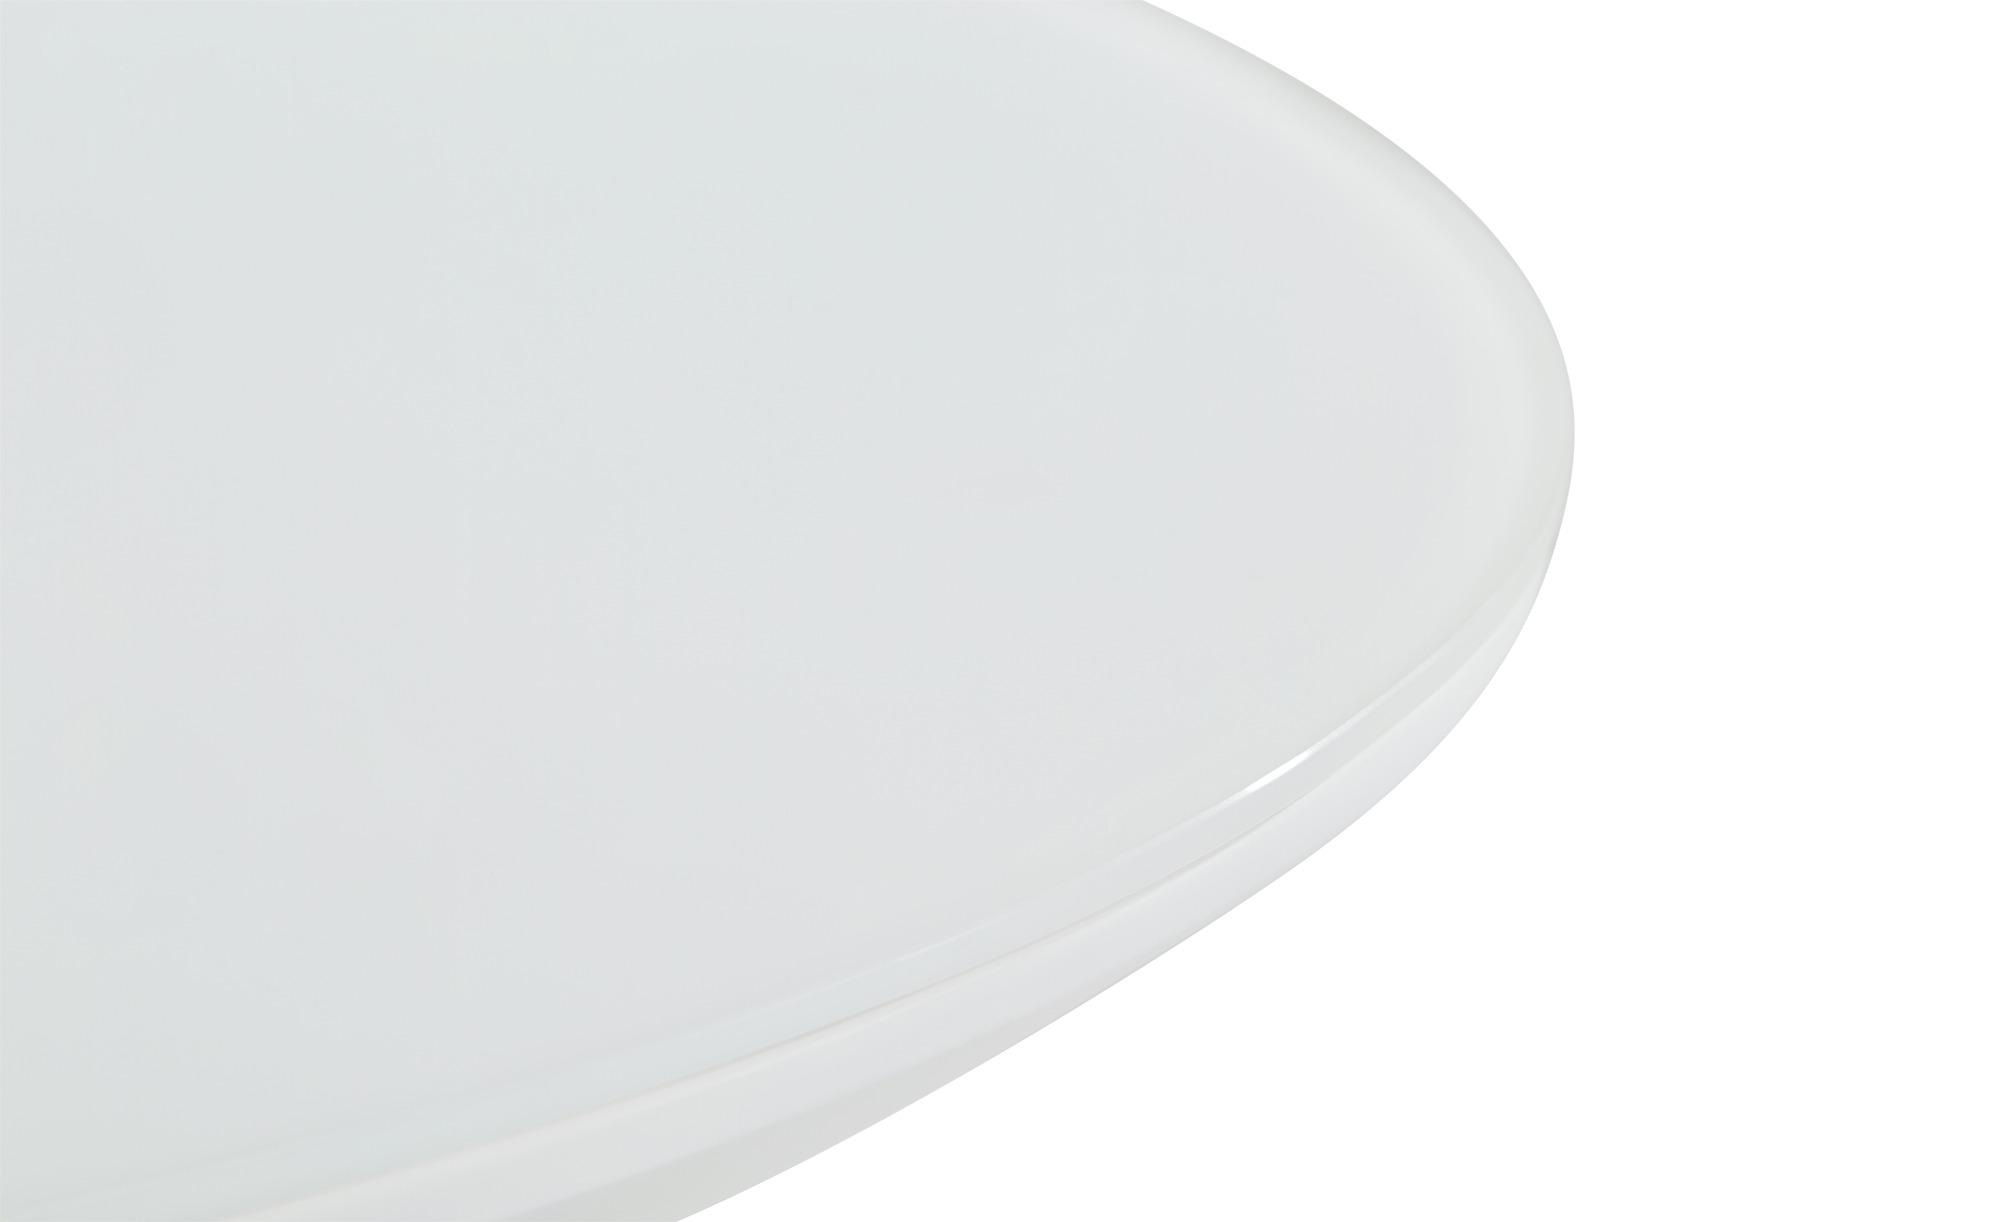 uno Esstisch  Doug-2 ¦ weiß ¦ Maße (cm): B: 105 H: 76,5 Tische > Esstische > Esstische andere Formen - Höffner